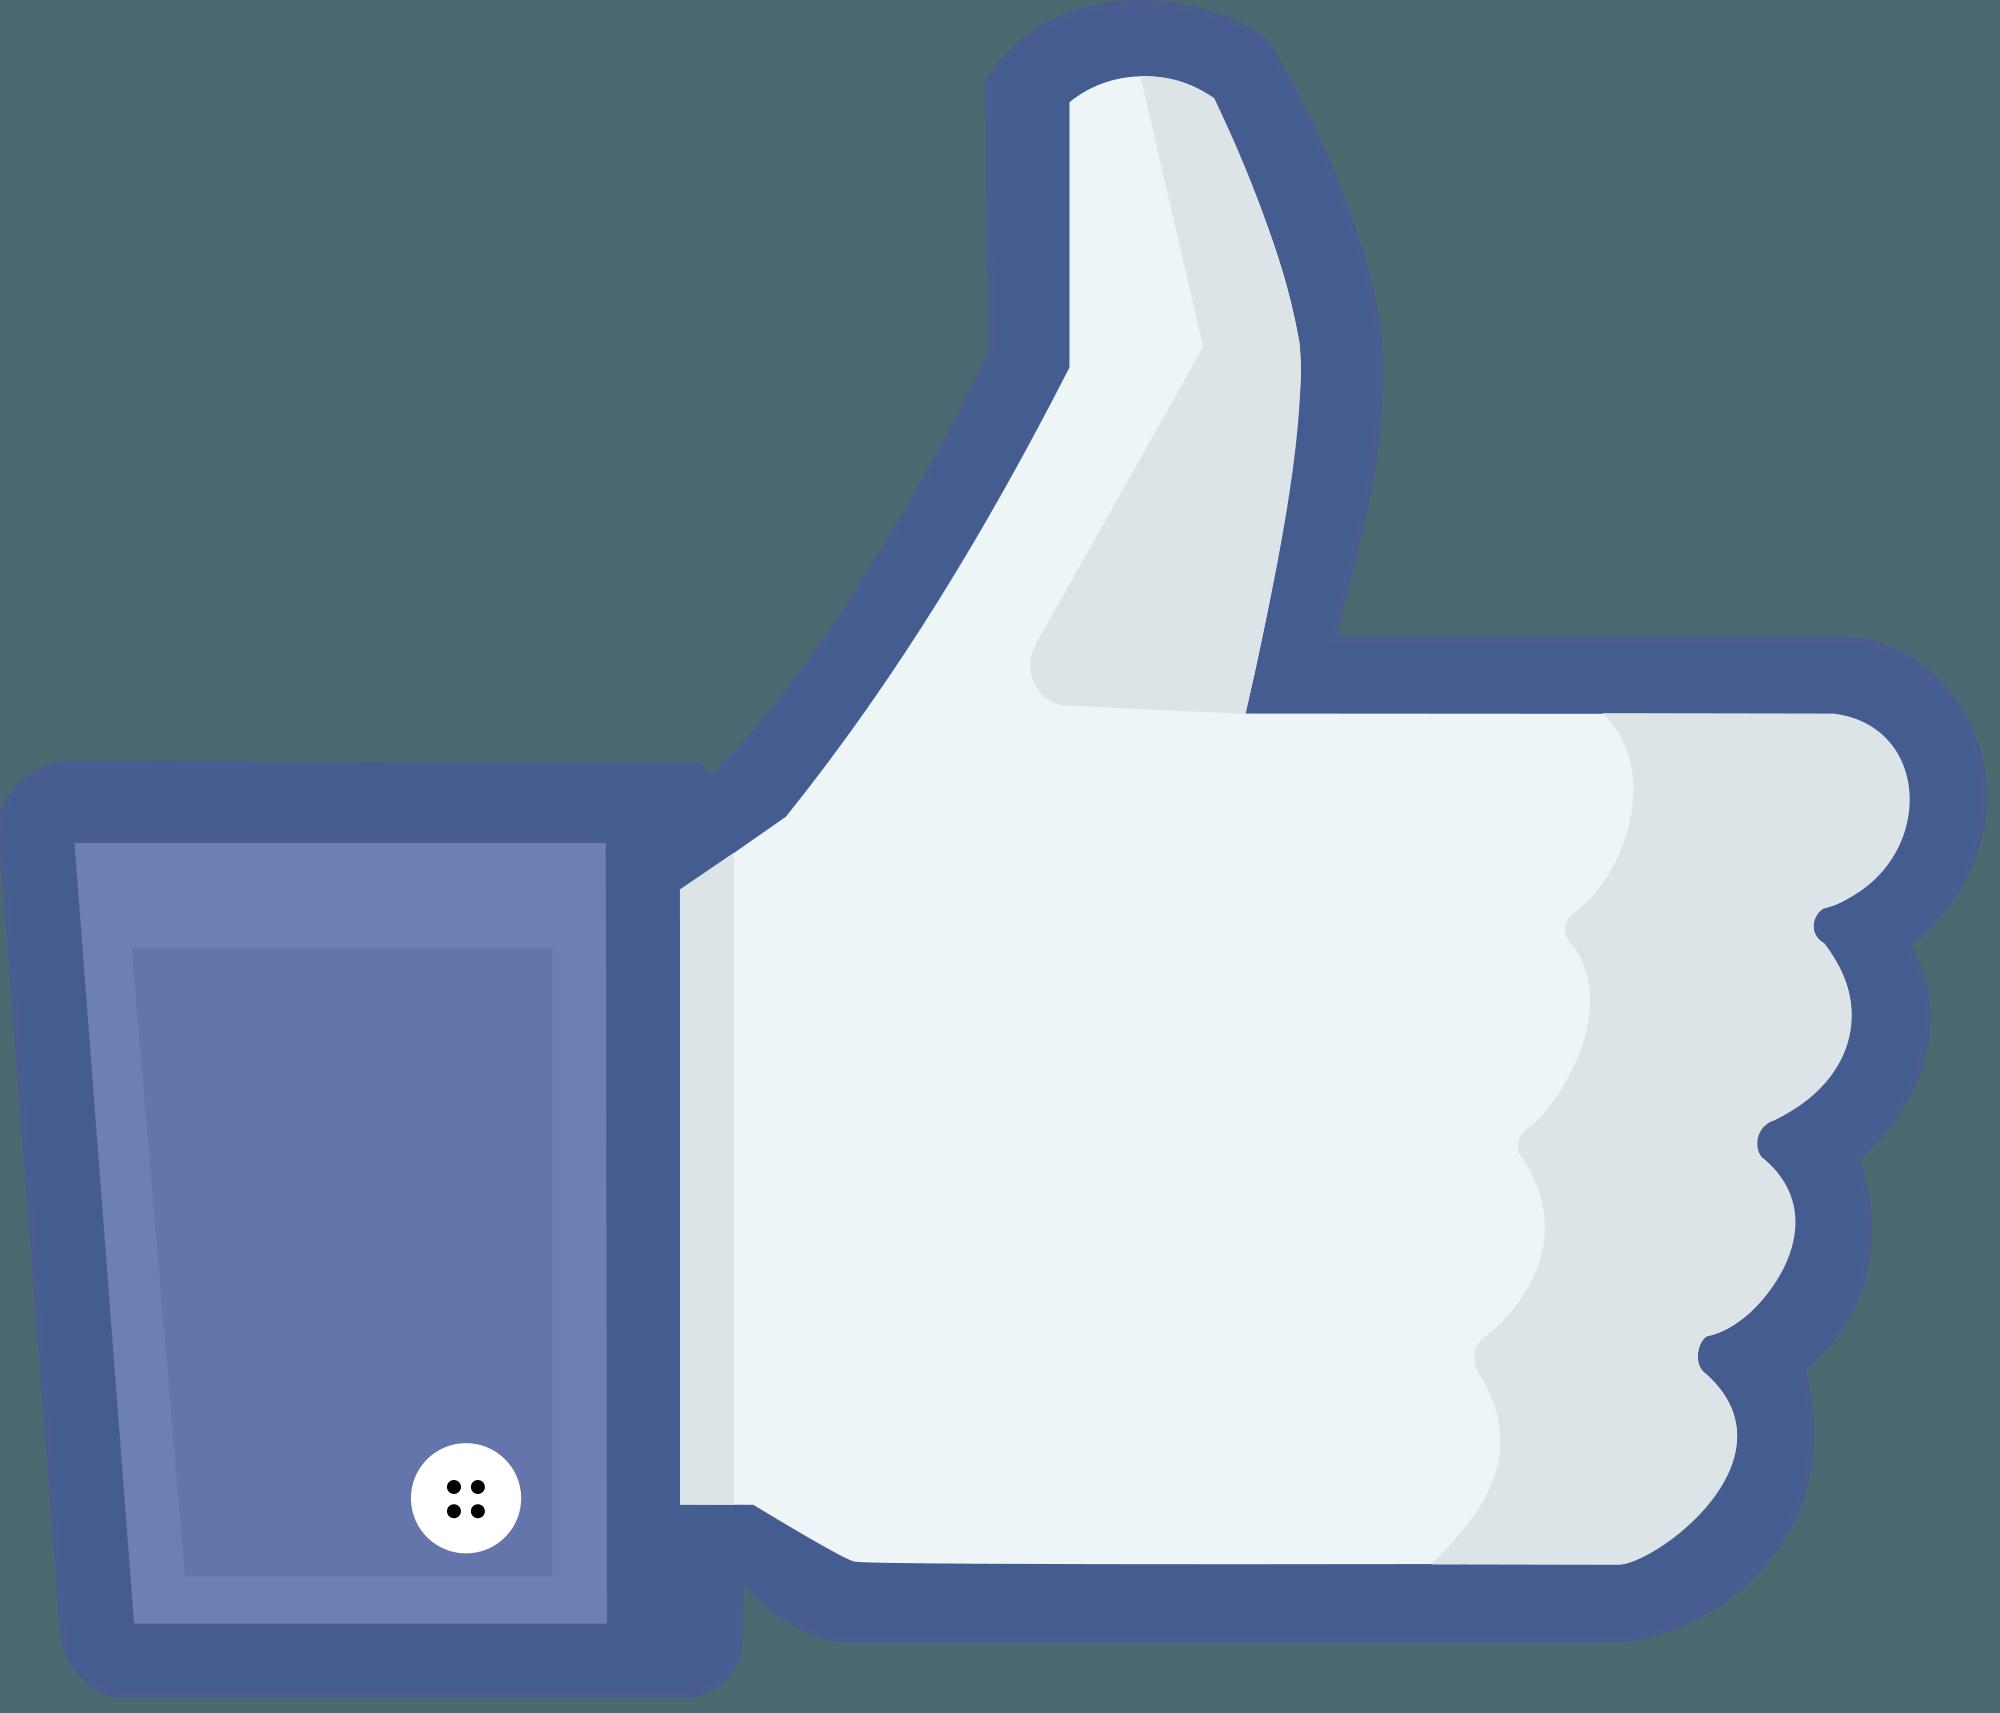 Психографический маркетинг: его использование для понимания поведения клиентов